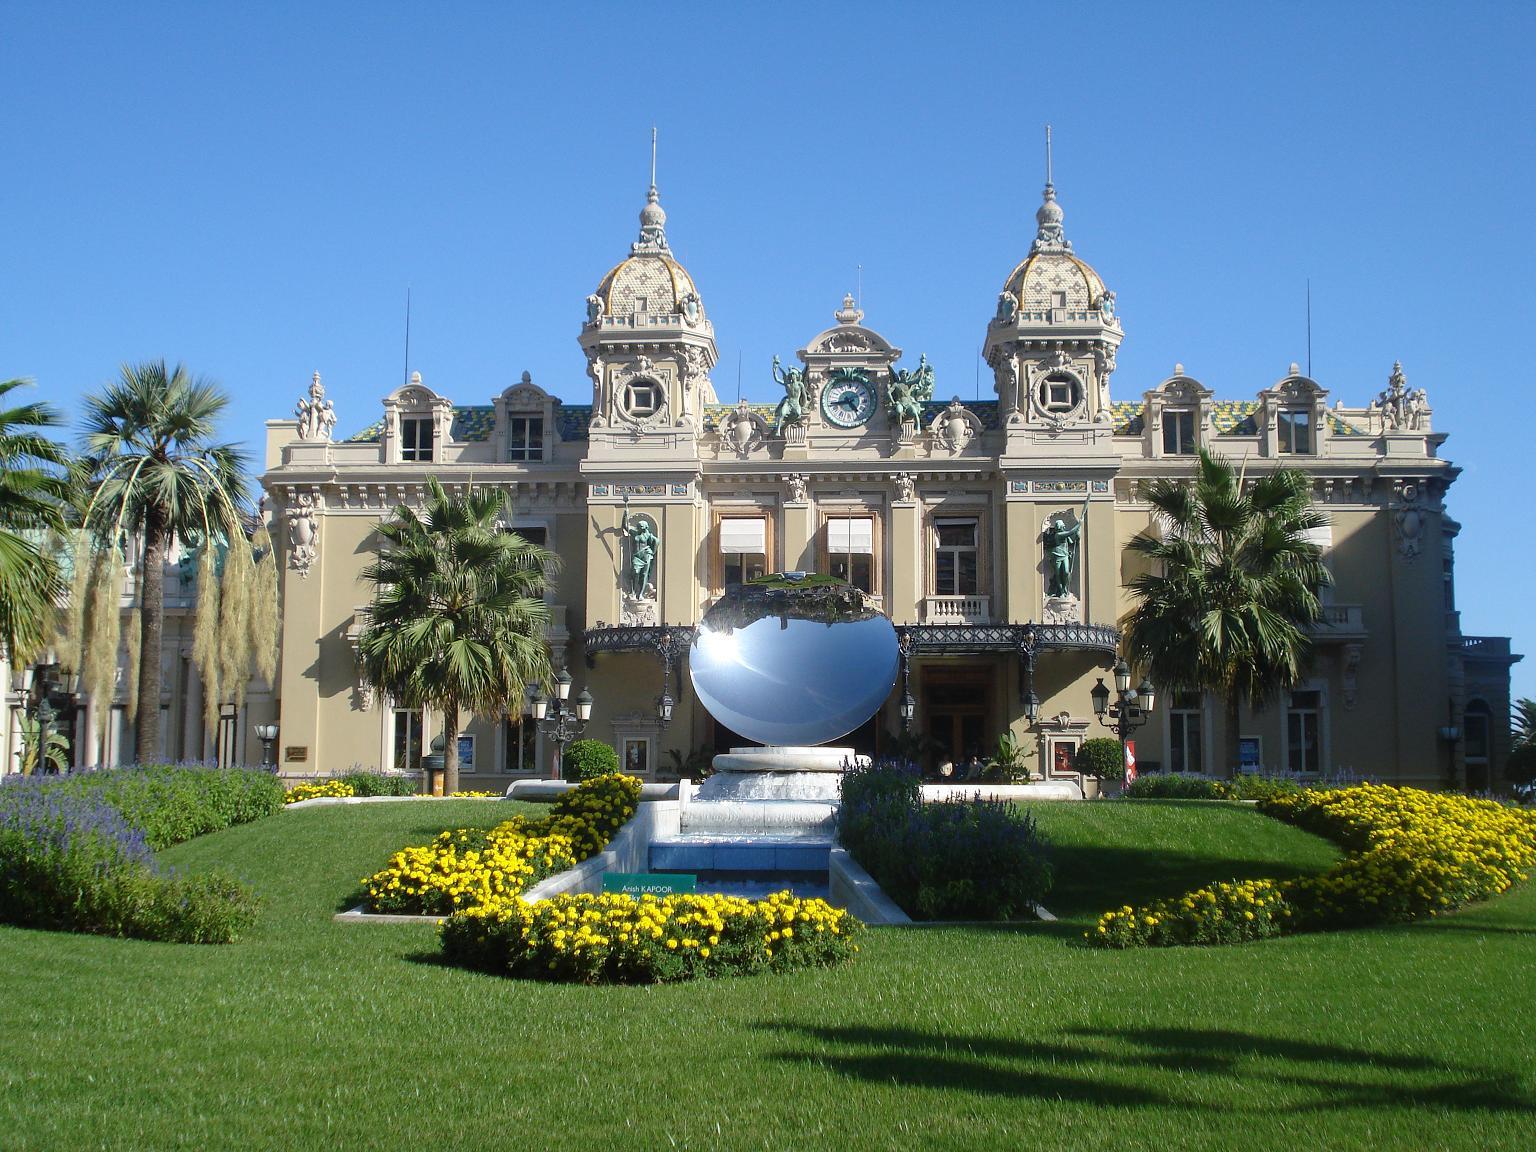 Монако: Туры в Монако по выгодной цене от туроператора. Отели и